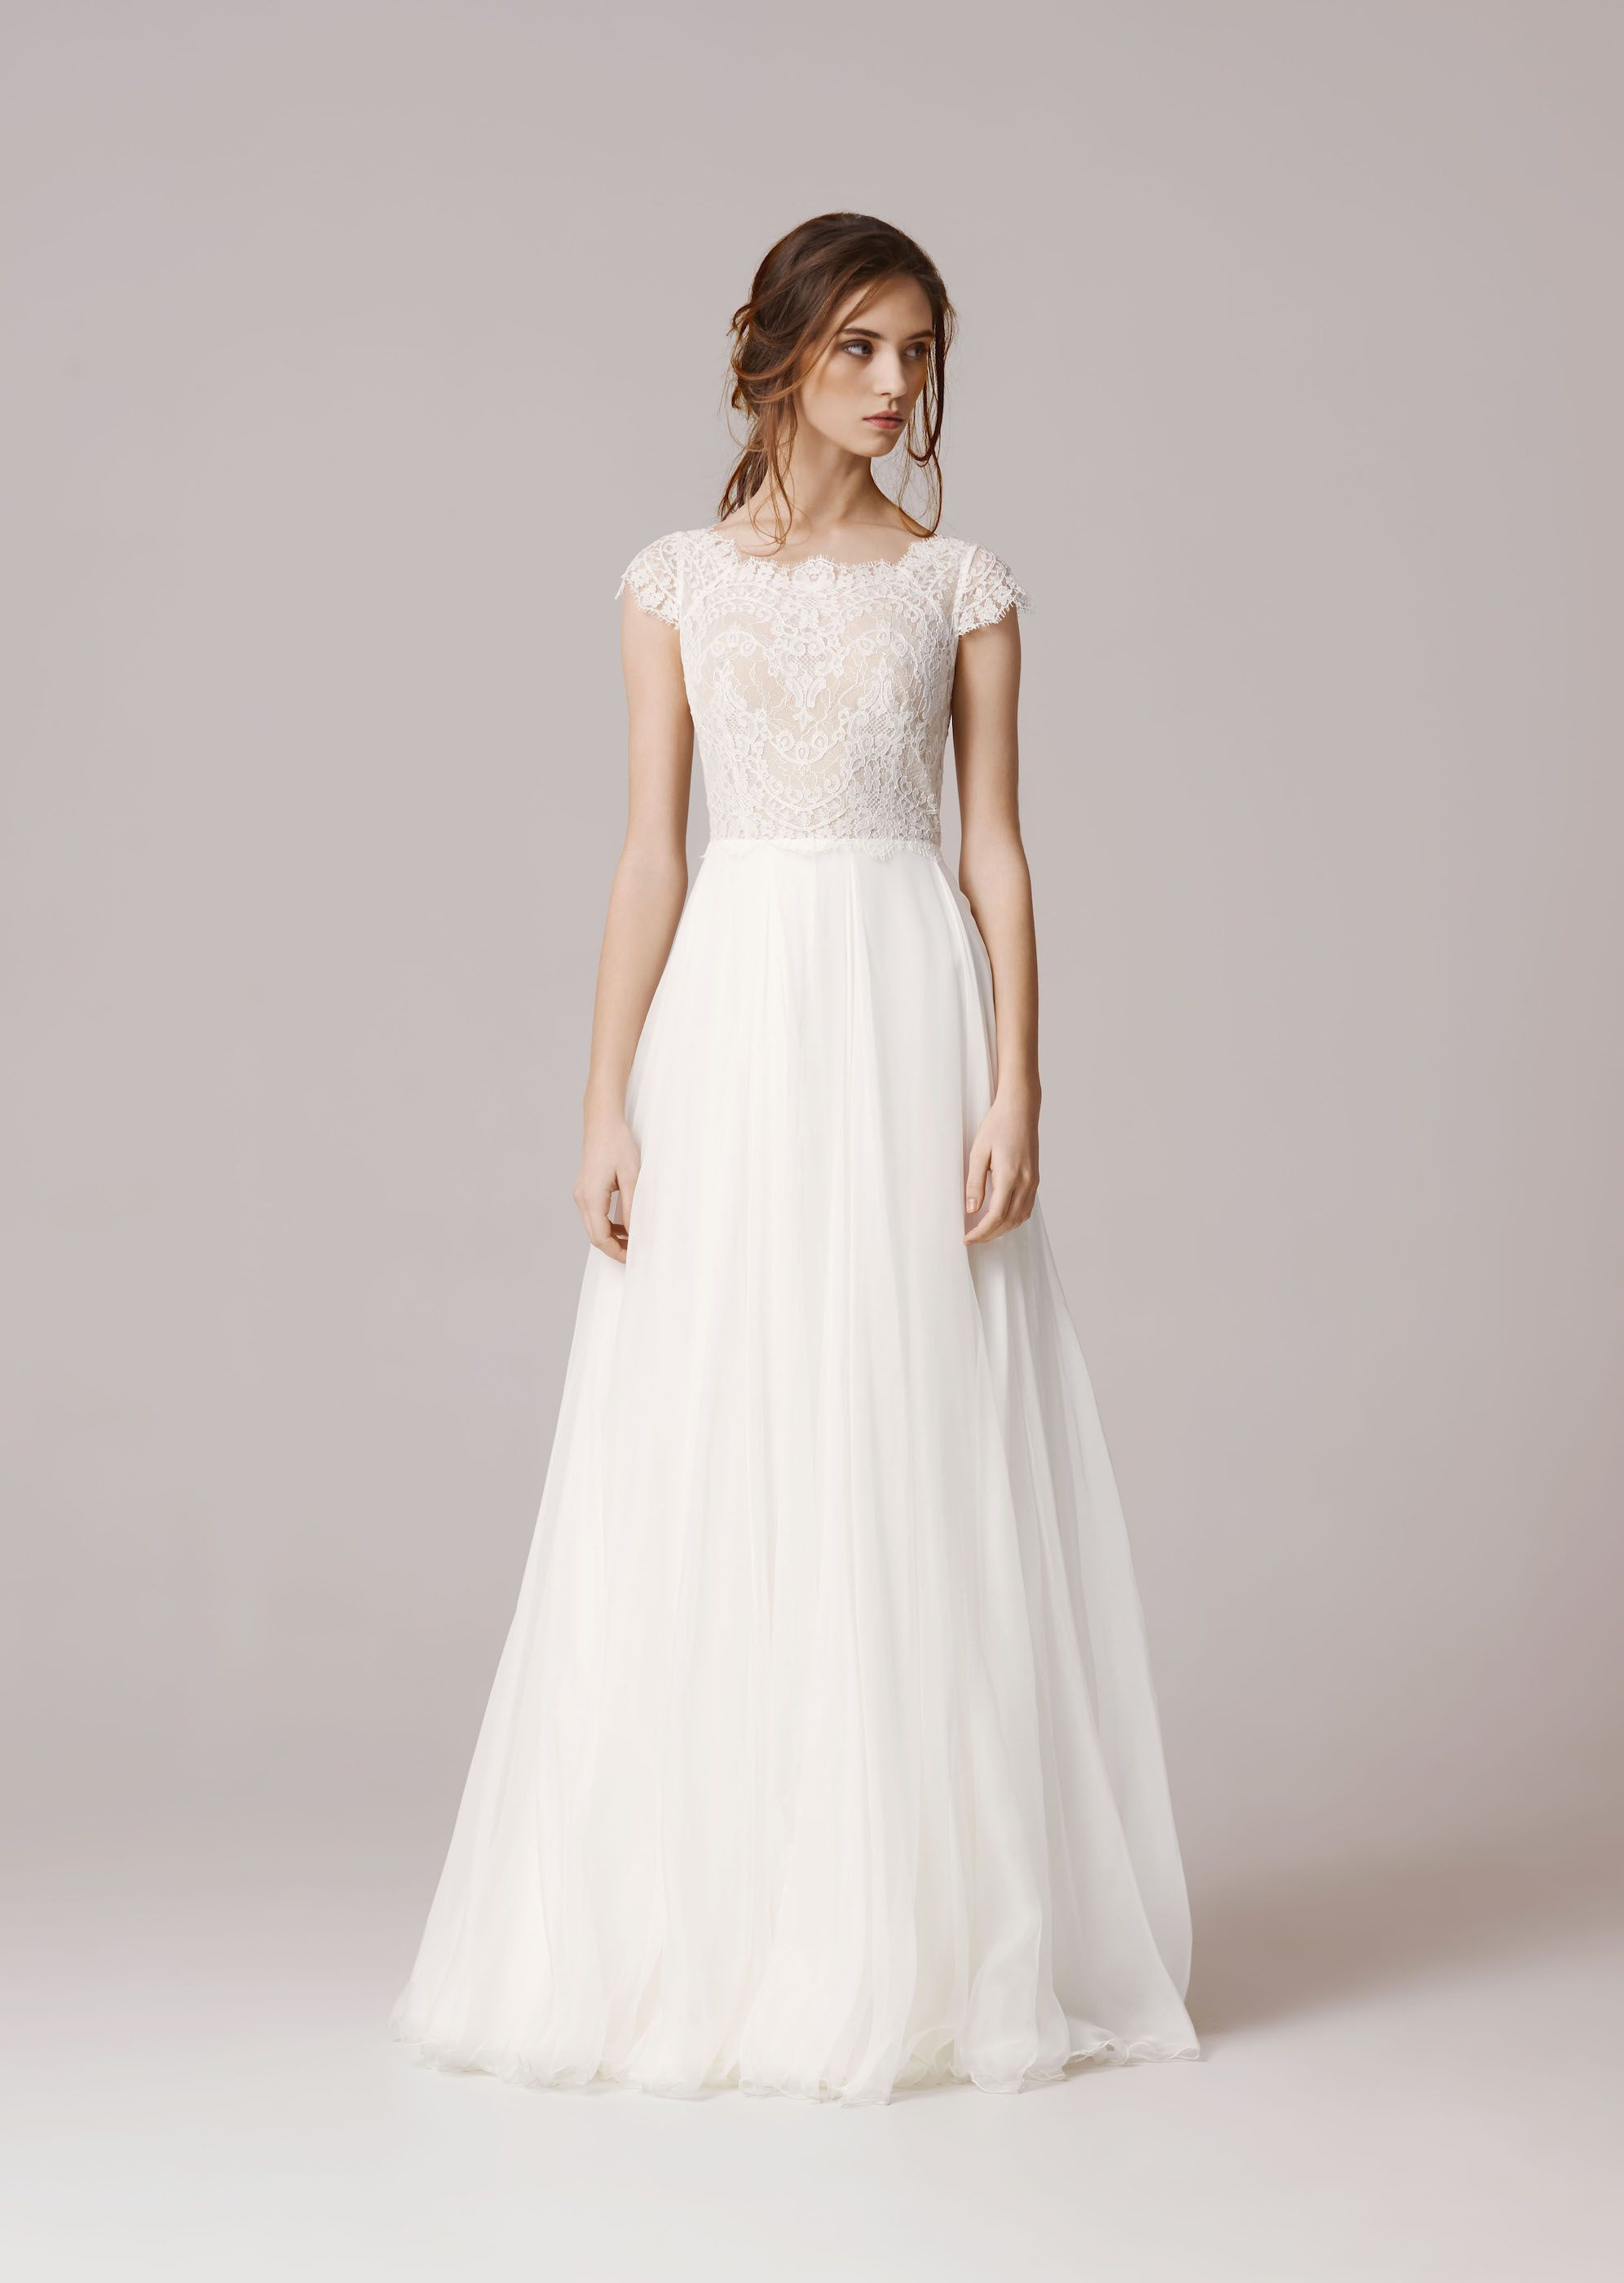 Anna Kara – THEA front - costs 1900 Euros | Hochzeitskleid ...